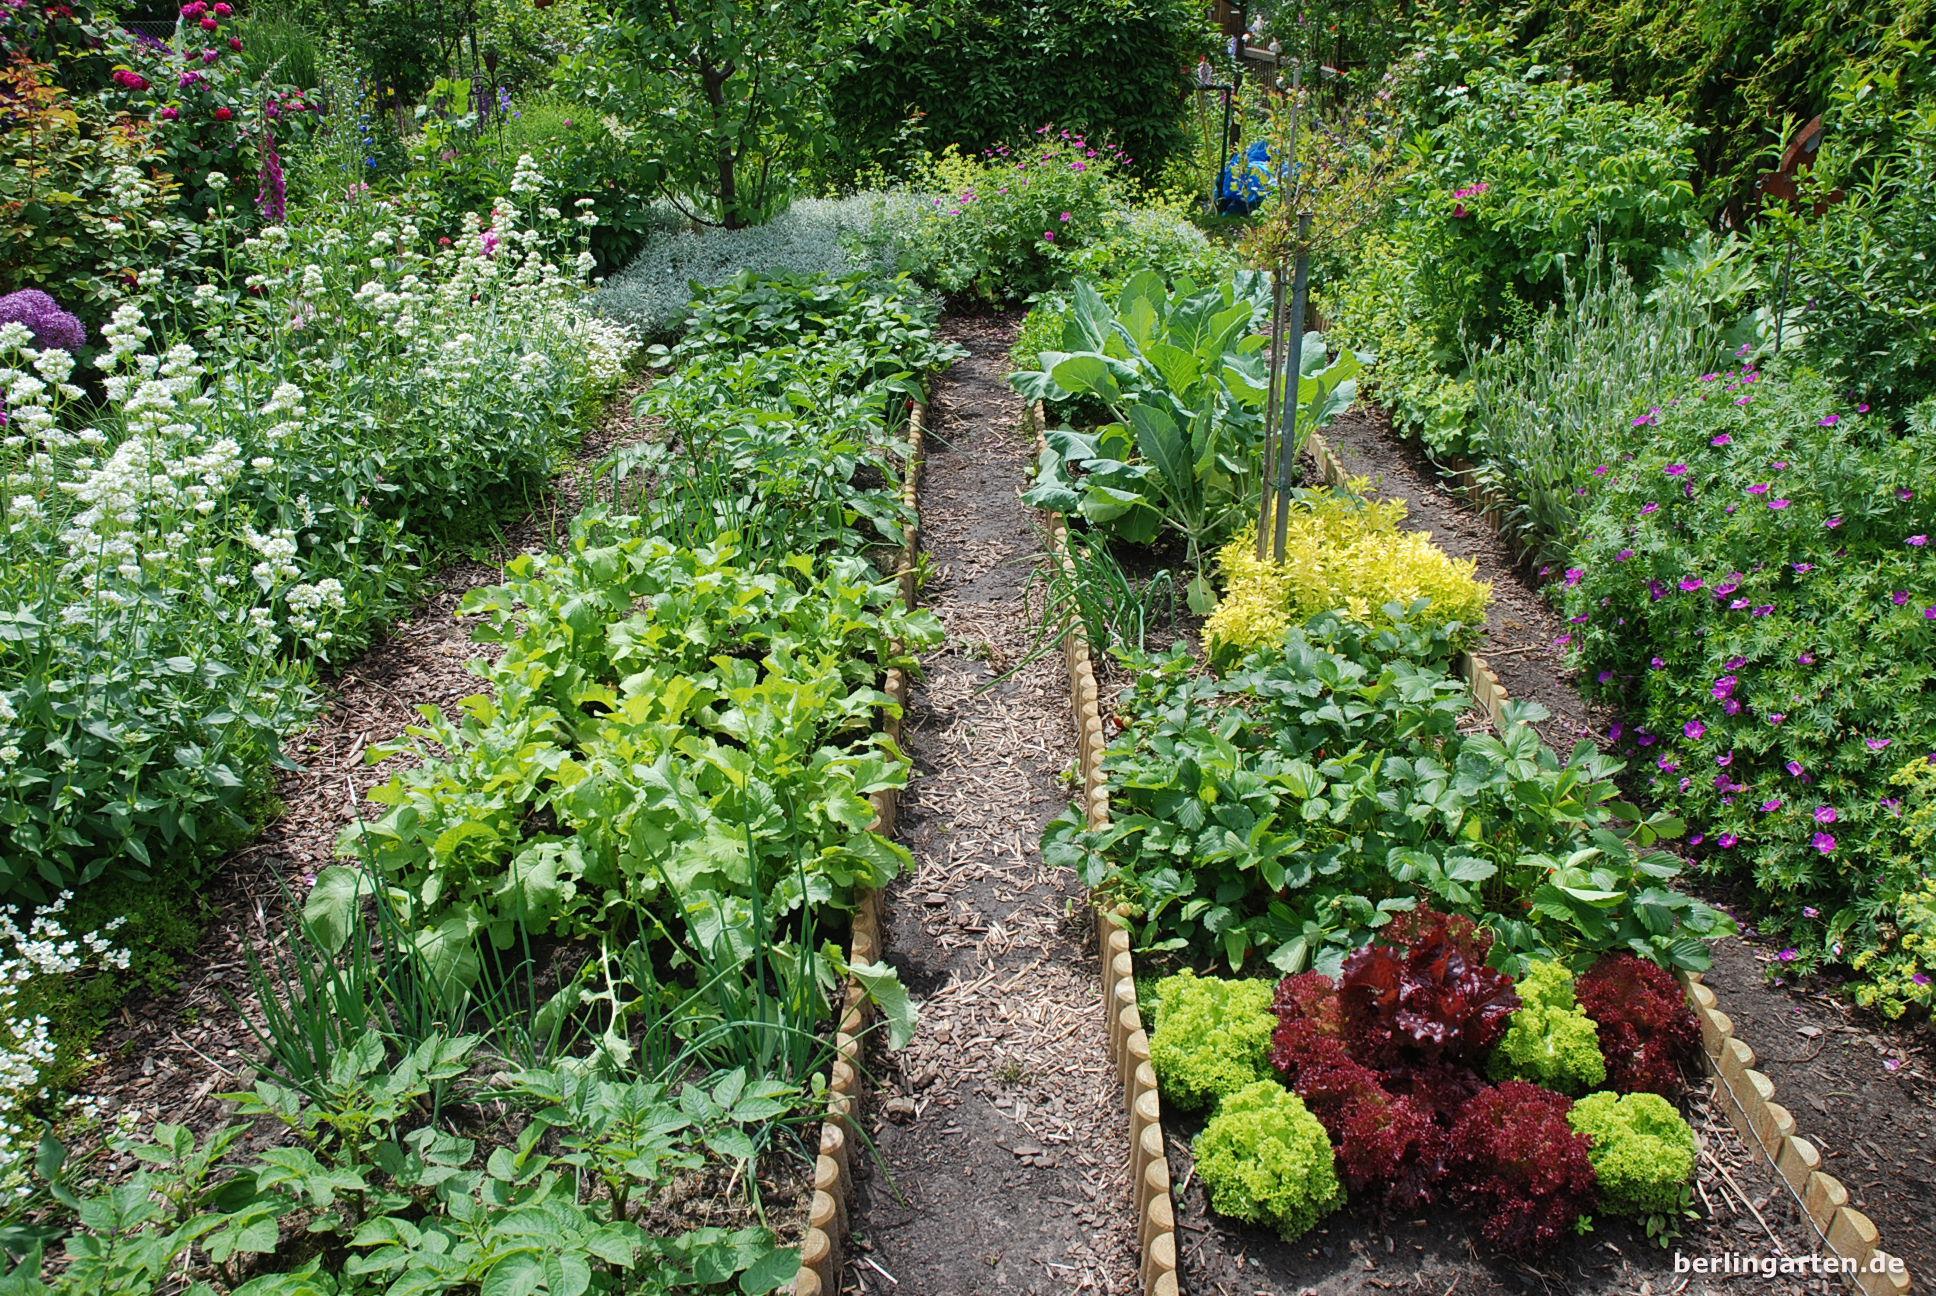 Immer Genau Die Richtige Portion: Salate Aus Dem Eigenen Garten ... Frische Salate Eigenen Garten Ernten